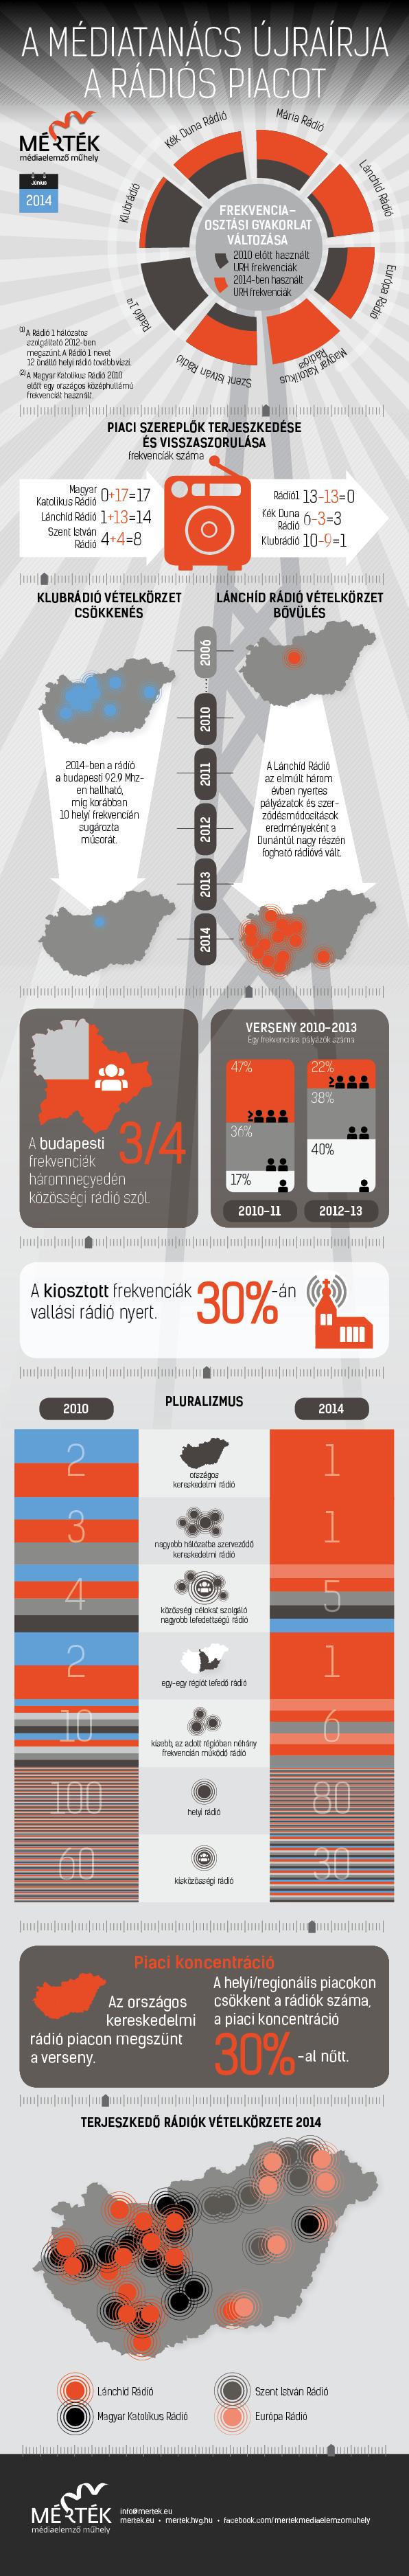 A Médiatanács újraírja a rádiós piacot